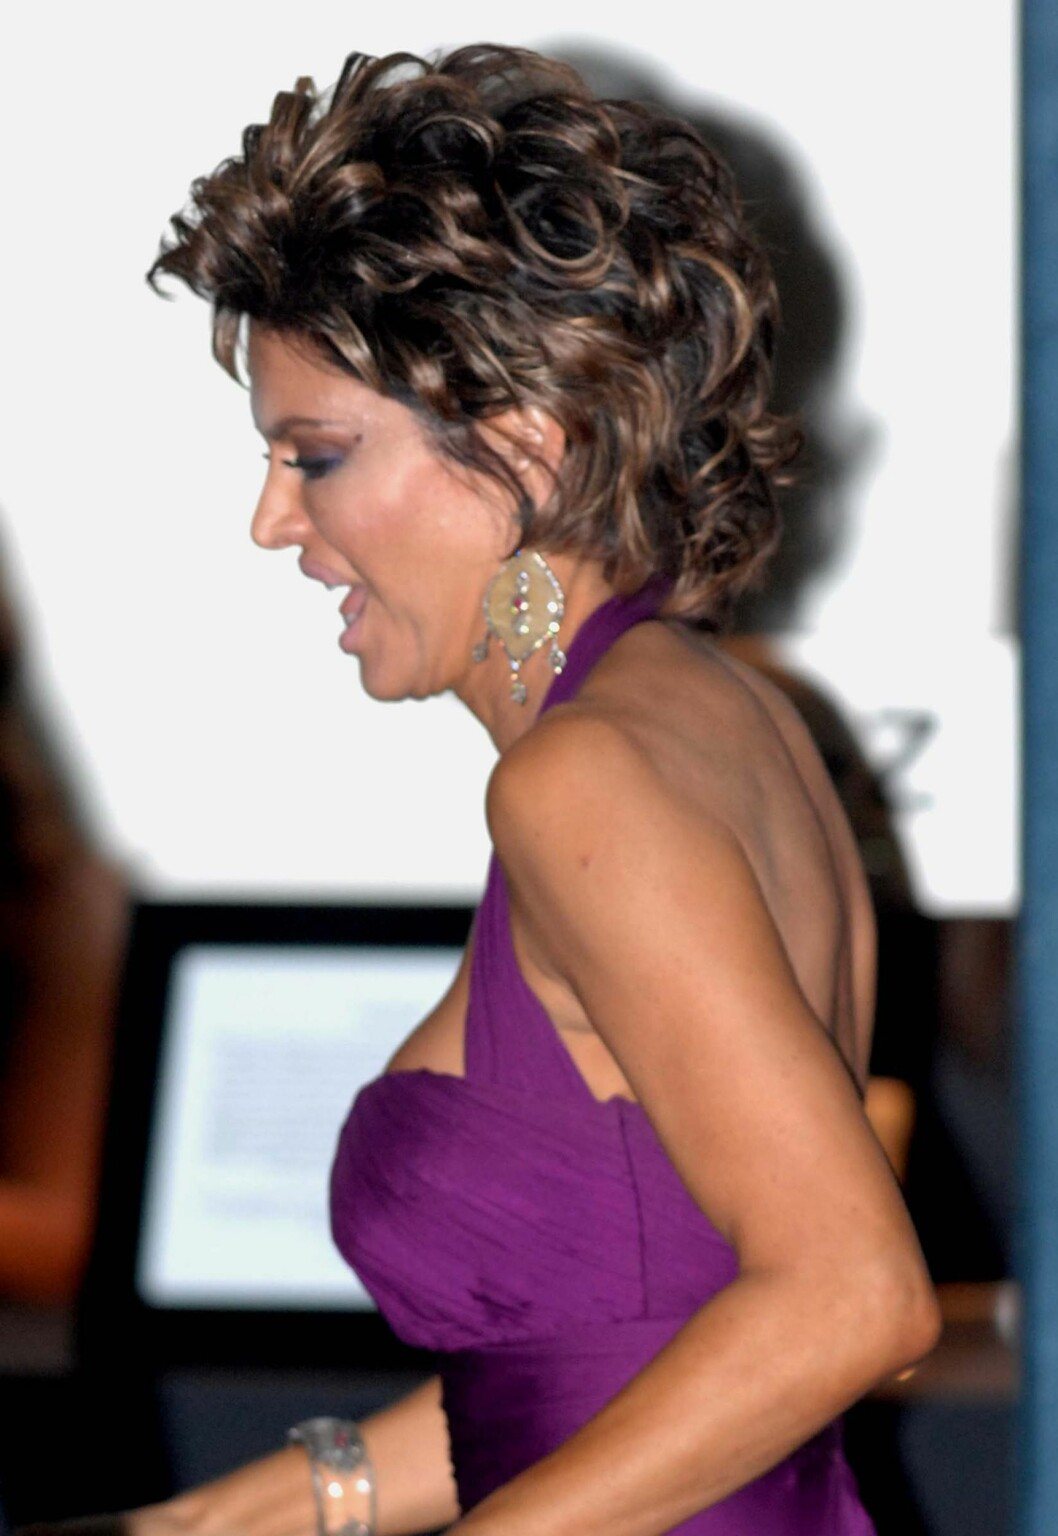 At den kjente programlederen Lisa Rinna også har gått ned en og annen kilo var også tydelig under Oscar-utdelingen.  Foto: All Over Press